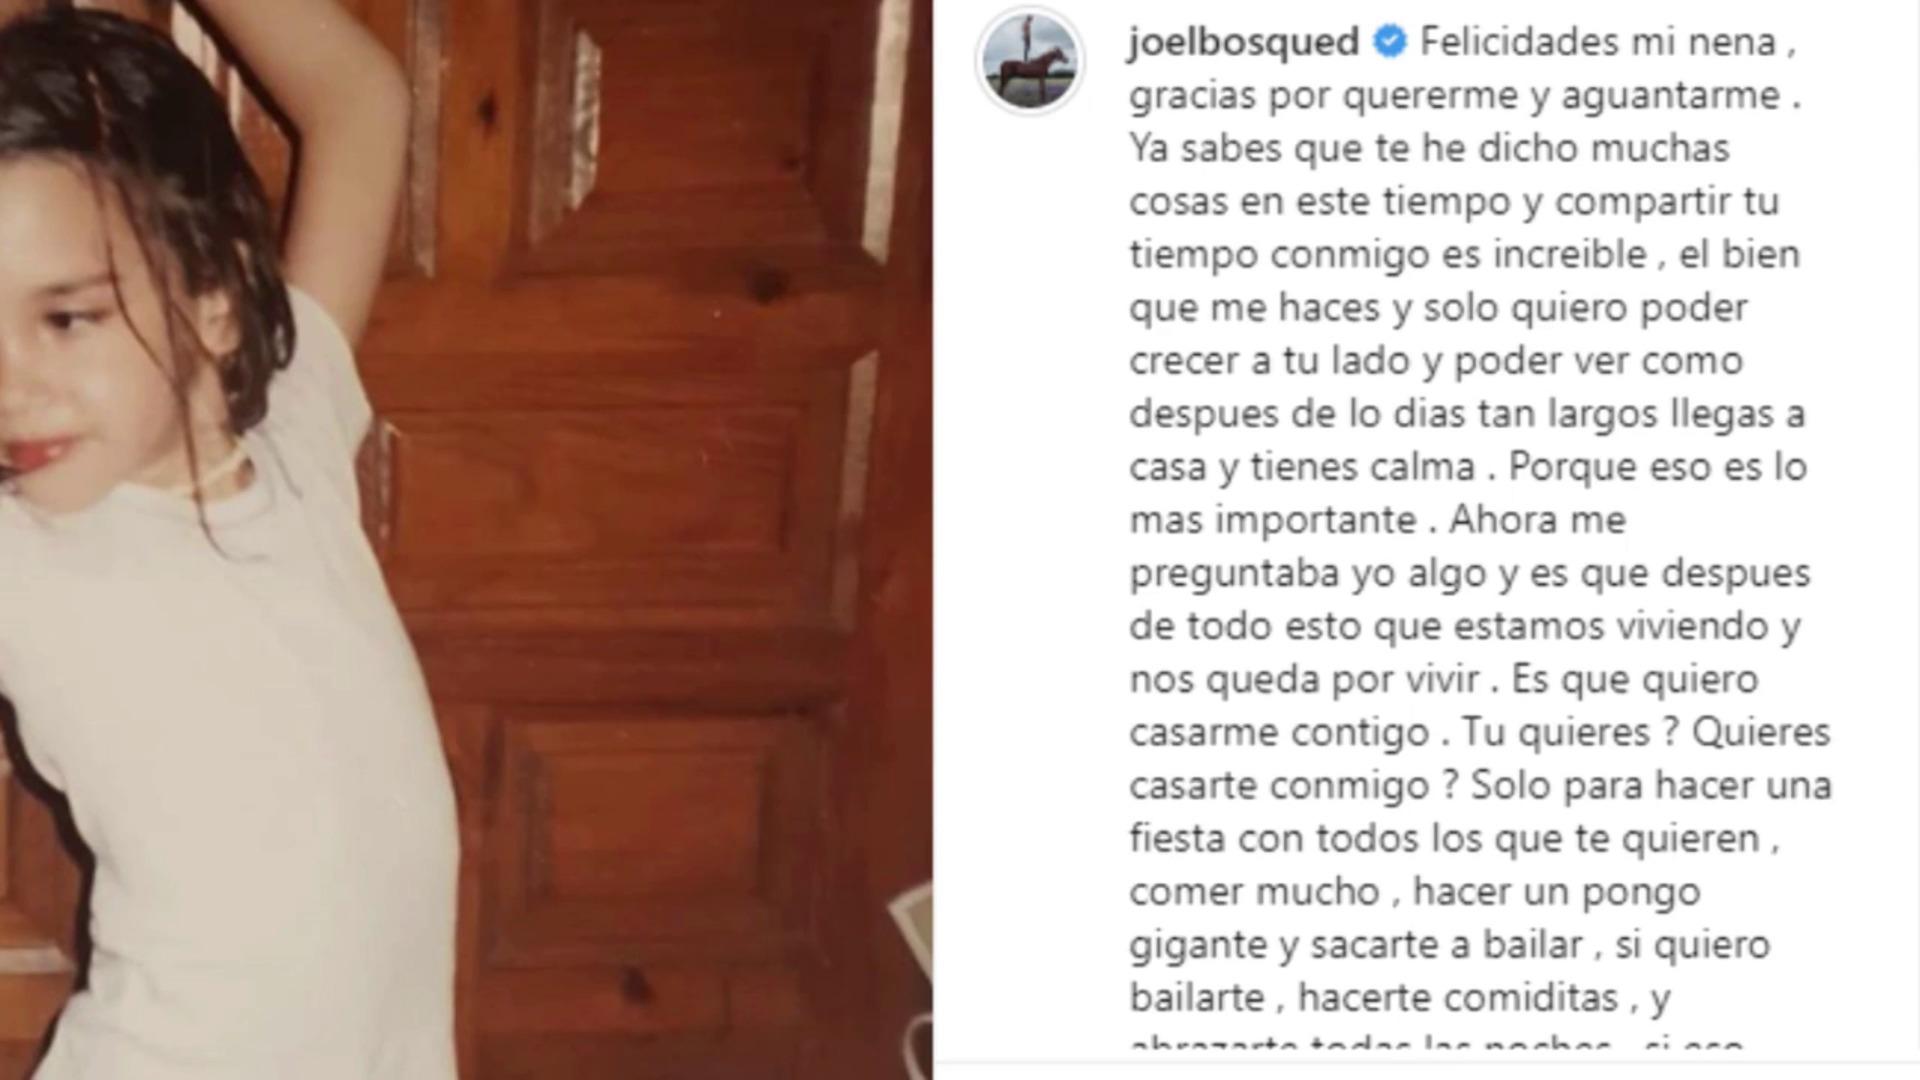 Joel Bosqued pide matrimonio a su novia en Instagram